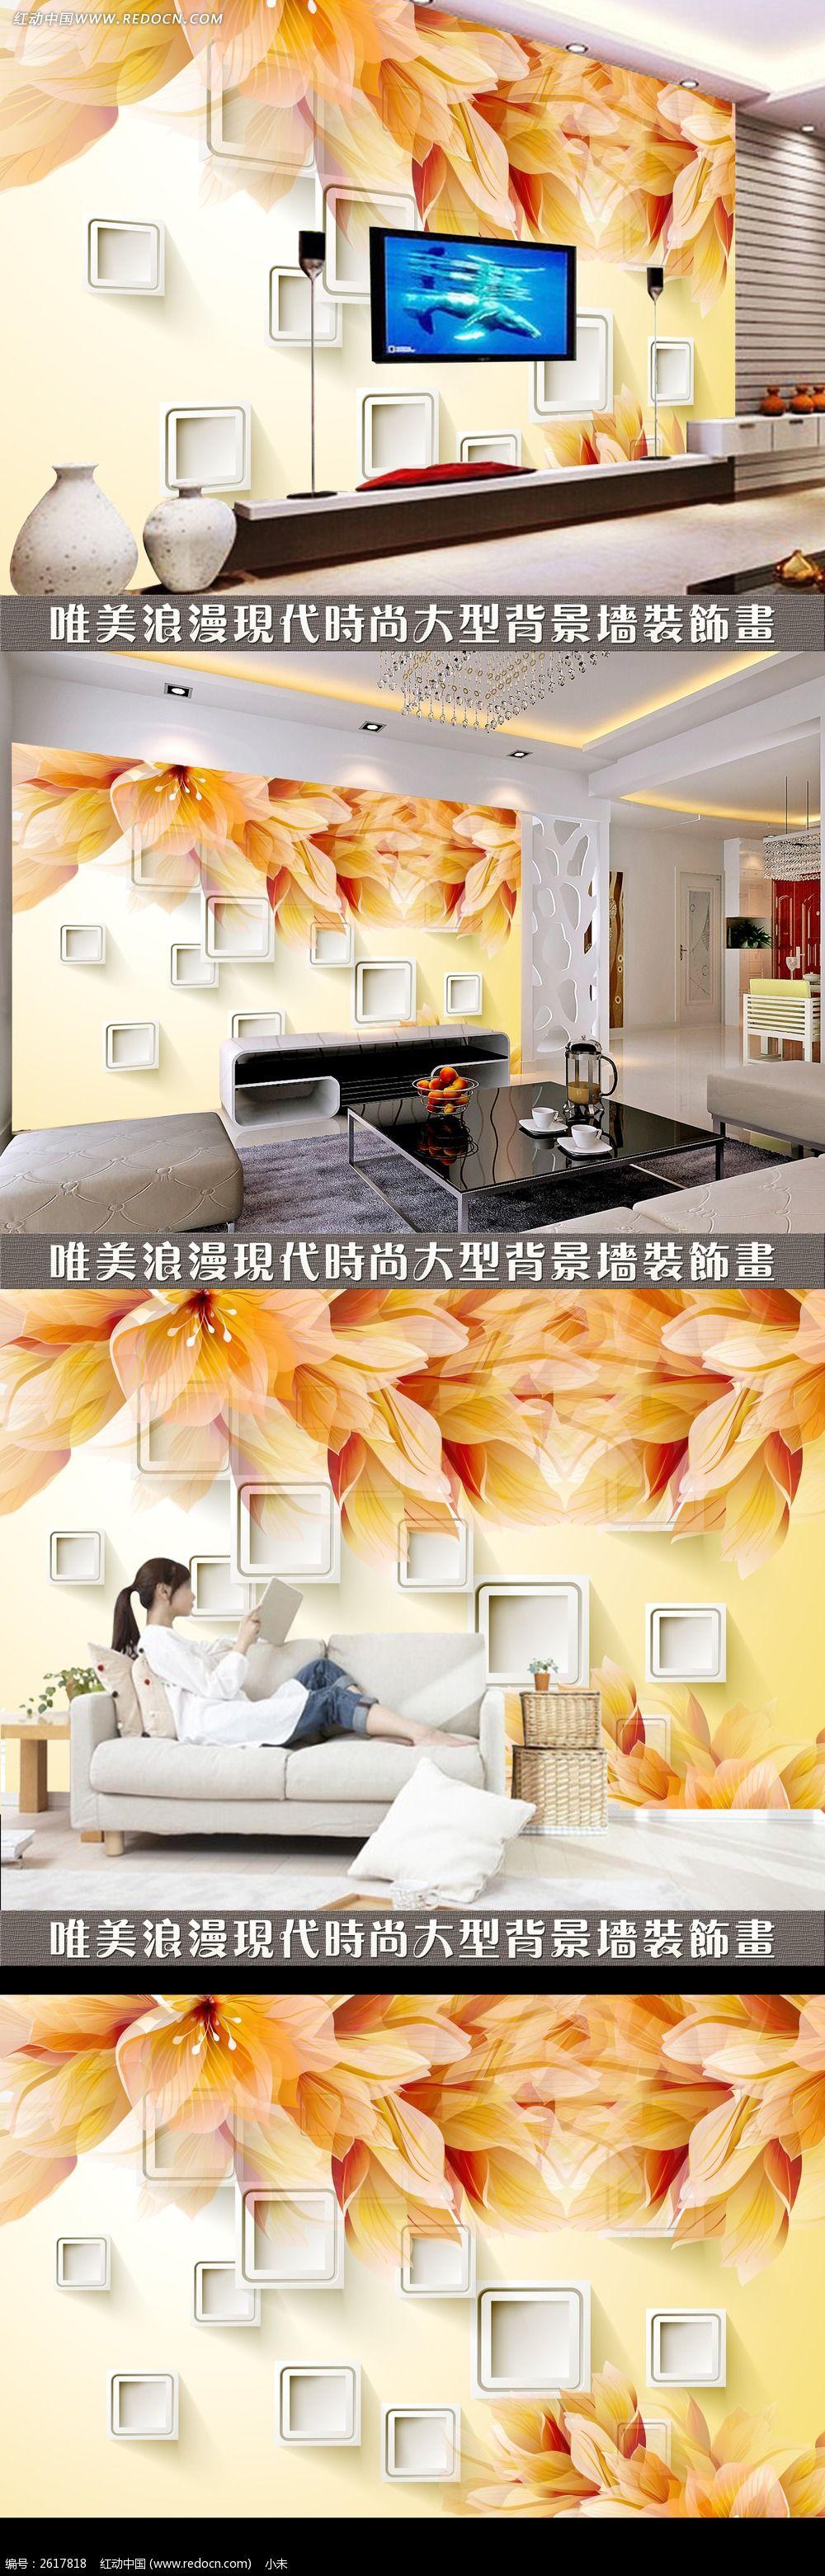 橙色花朵3D电视背景墙设计图片